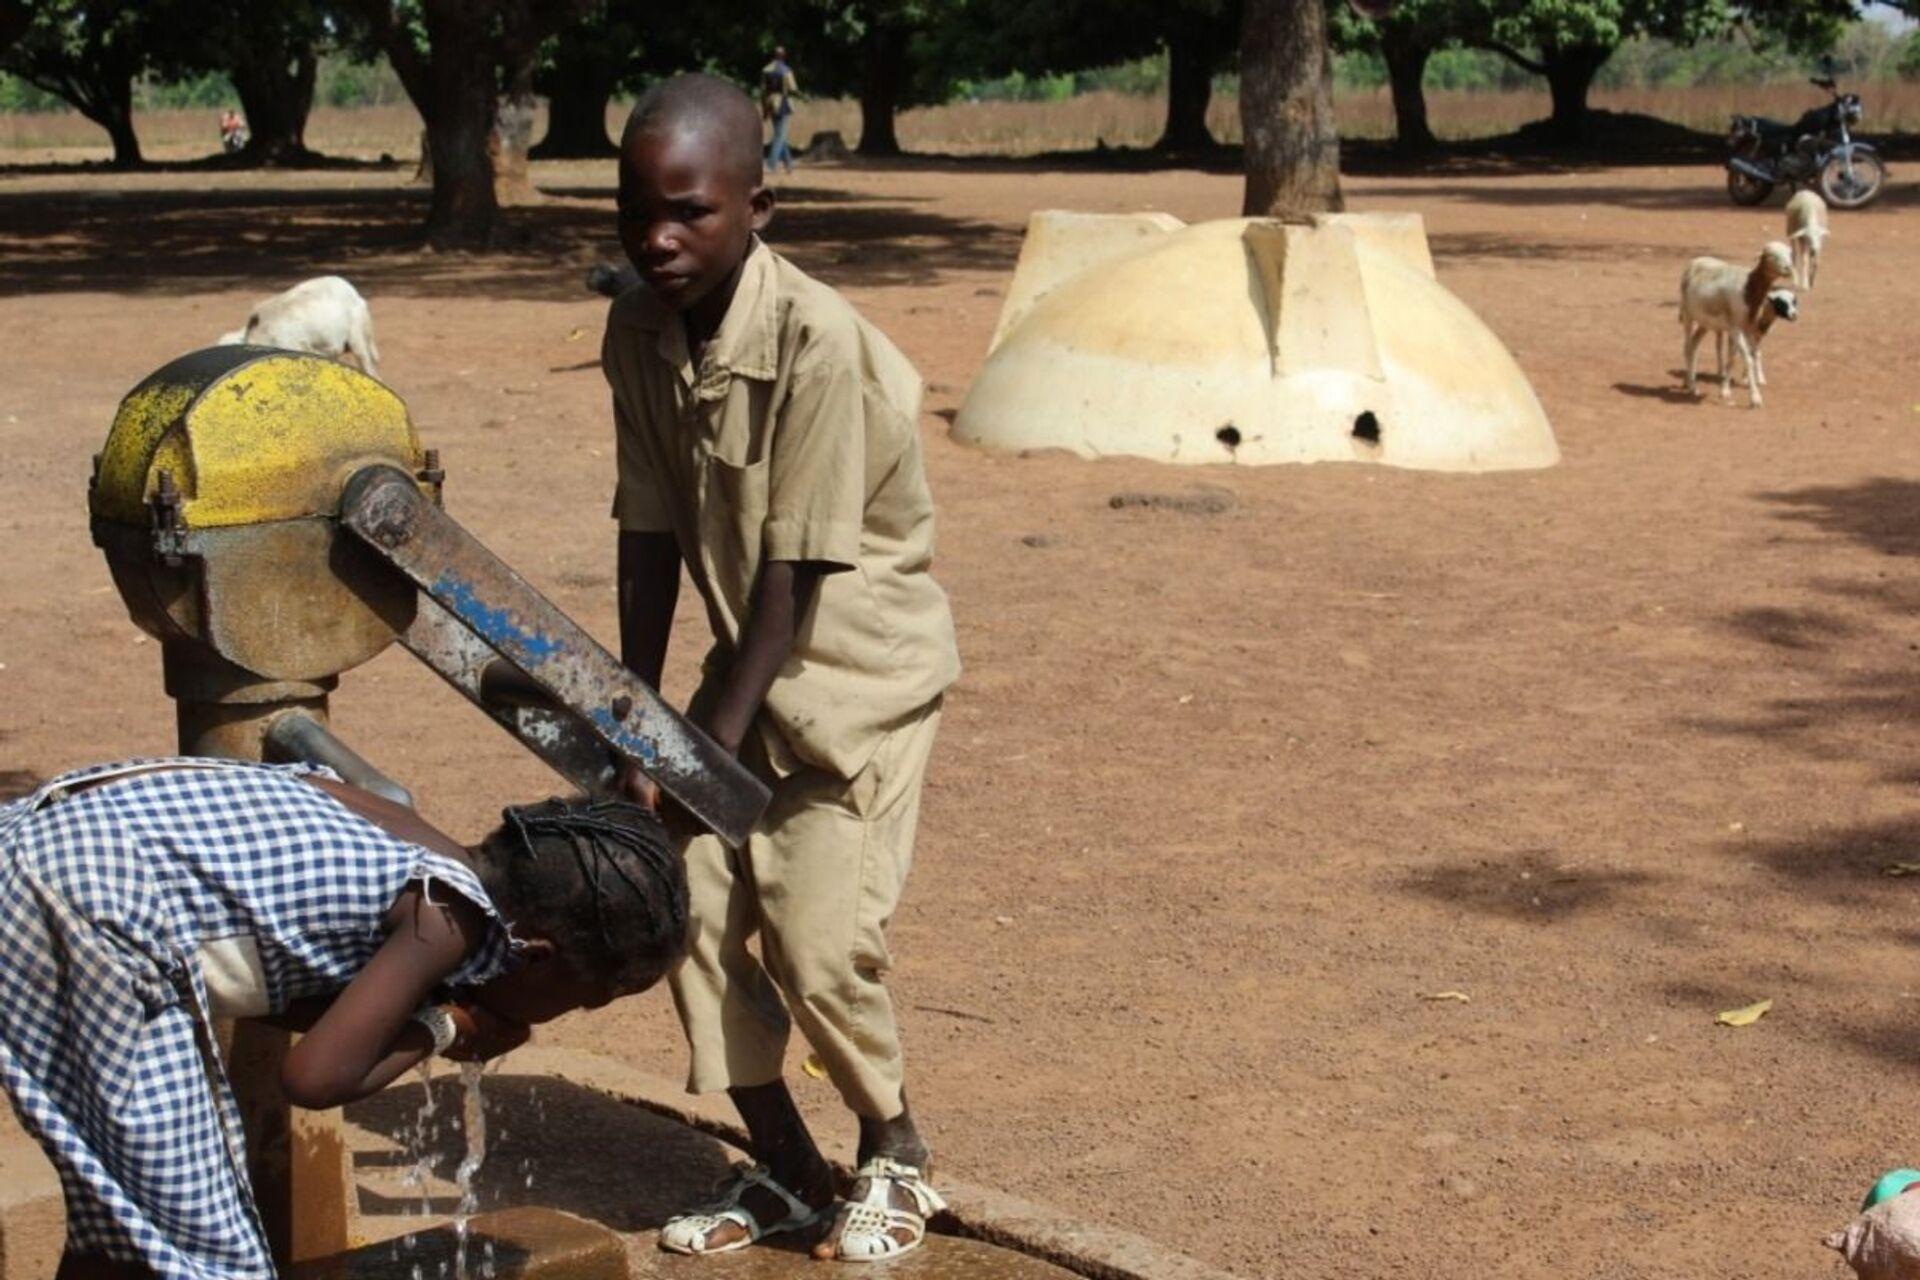 Dans le nord de la Côte d'Ivoire, contre la pauvreté et le terrorisme «on investit dans l'école» - Sputnik France, 1920, 30.07.2021